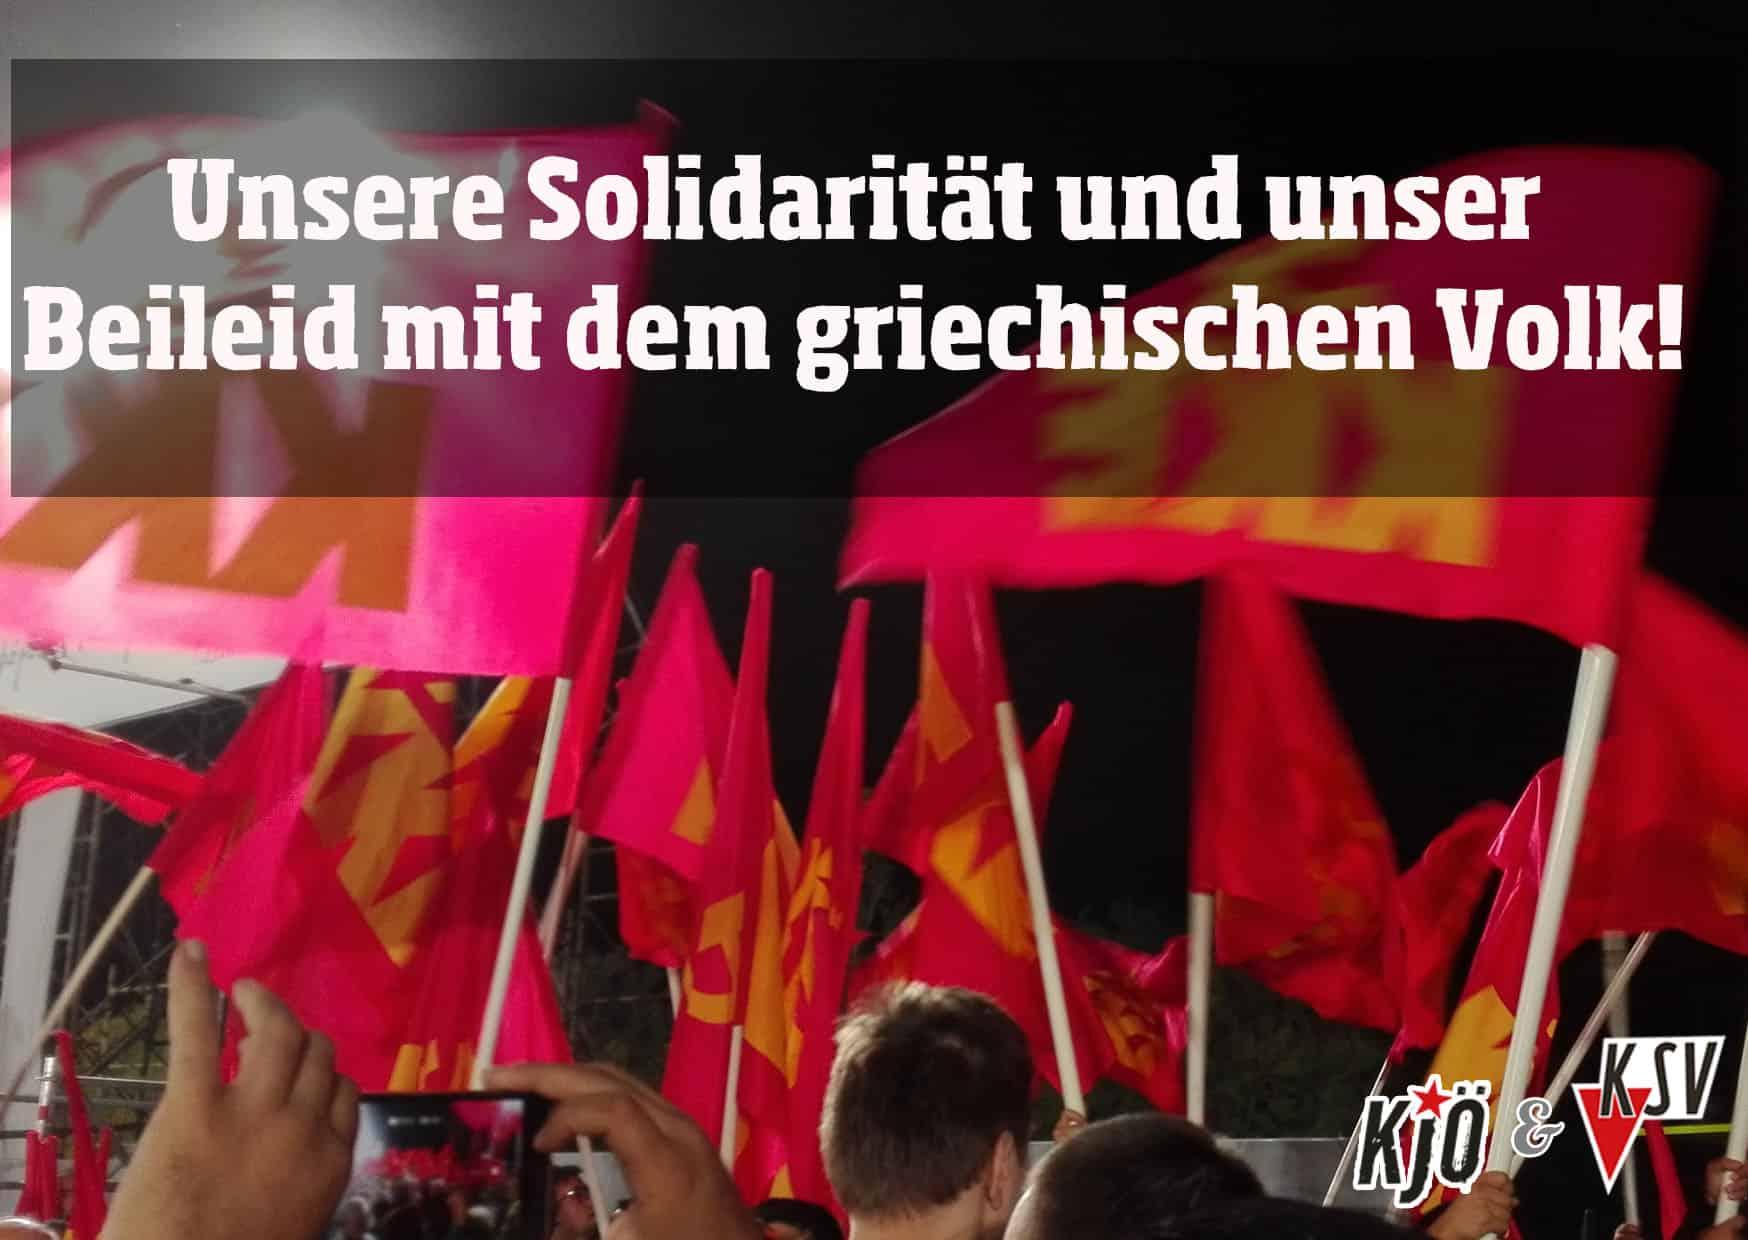 Solidaritätsbekundung der Kommunistischen Jugend Österreichs mit dem griechischen Volk